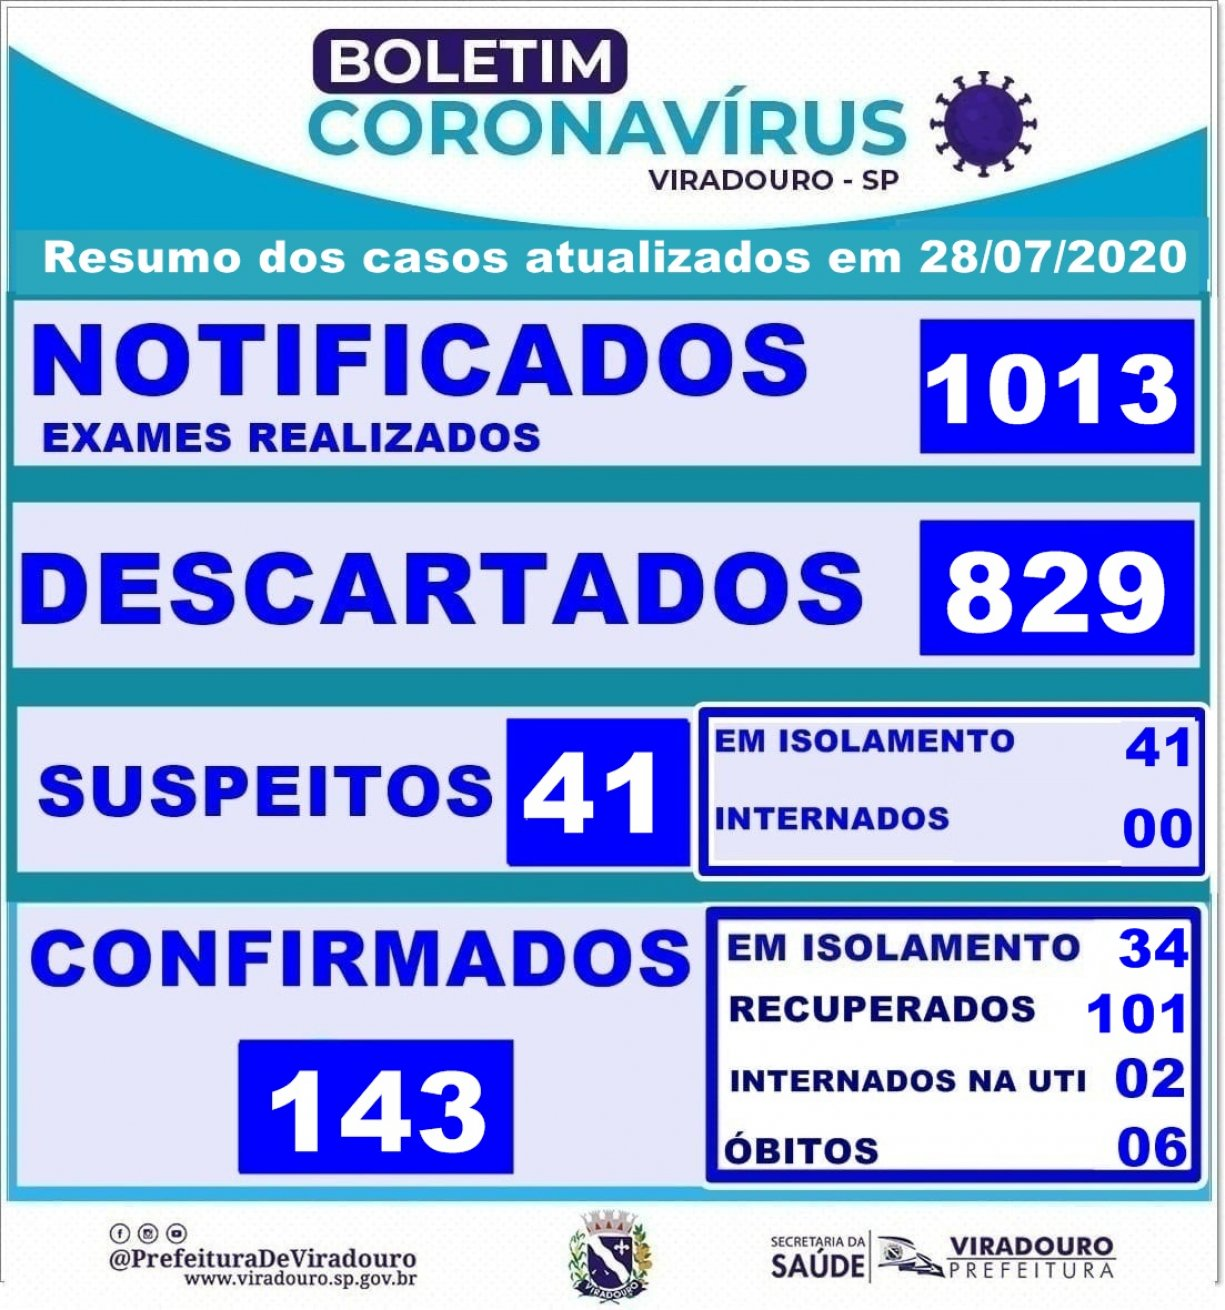 Boletim Epidemiológico Viradouro (Atualização 28/07/2020)